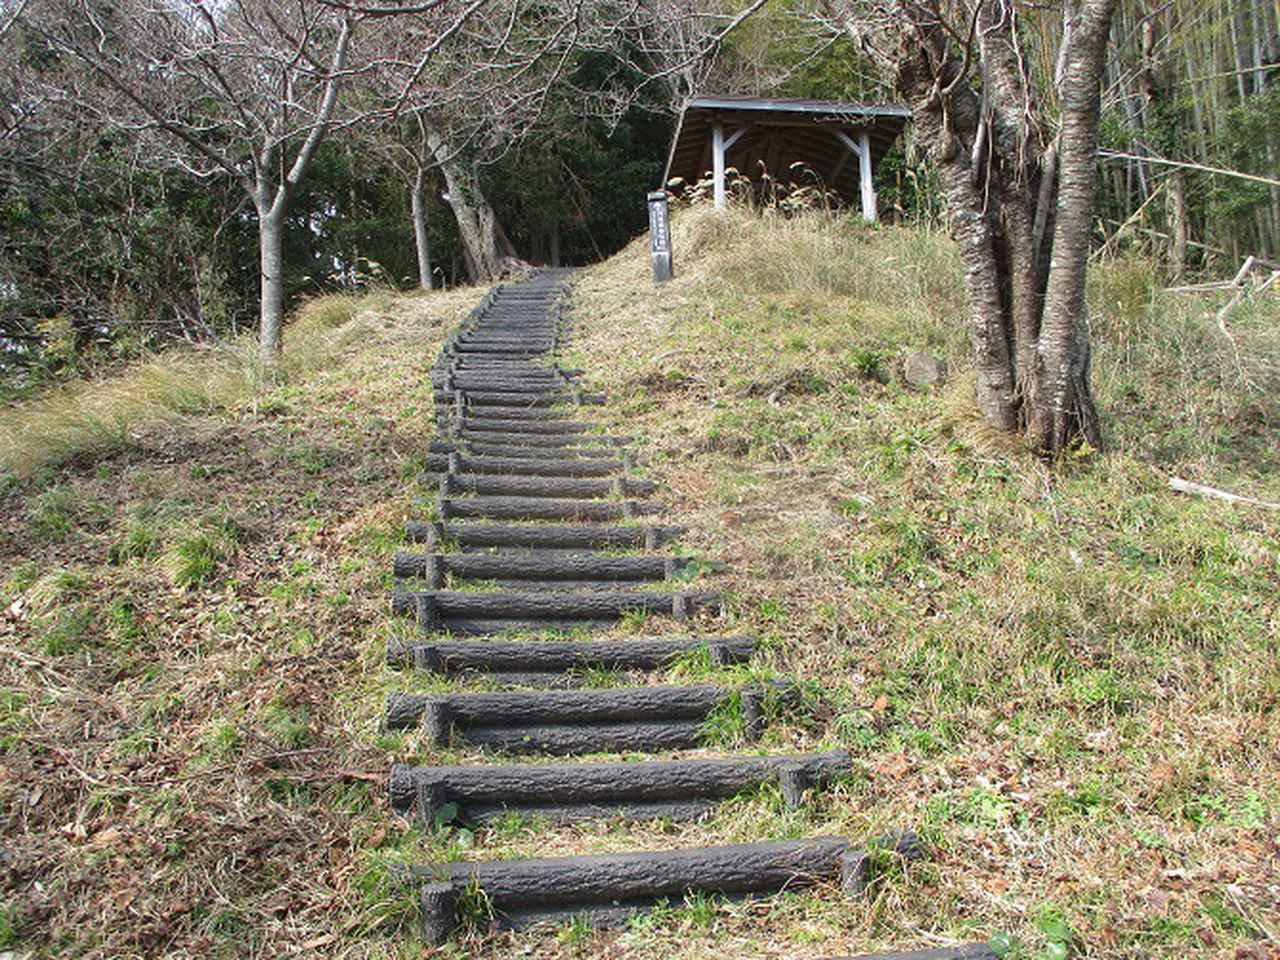 画像13: 来年冬の企画素材を探して静岡県の山を歩いてみました!